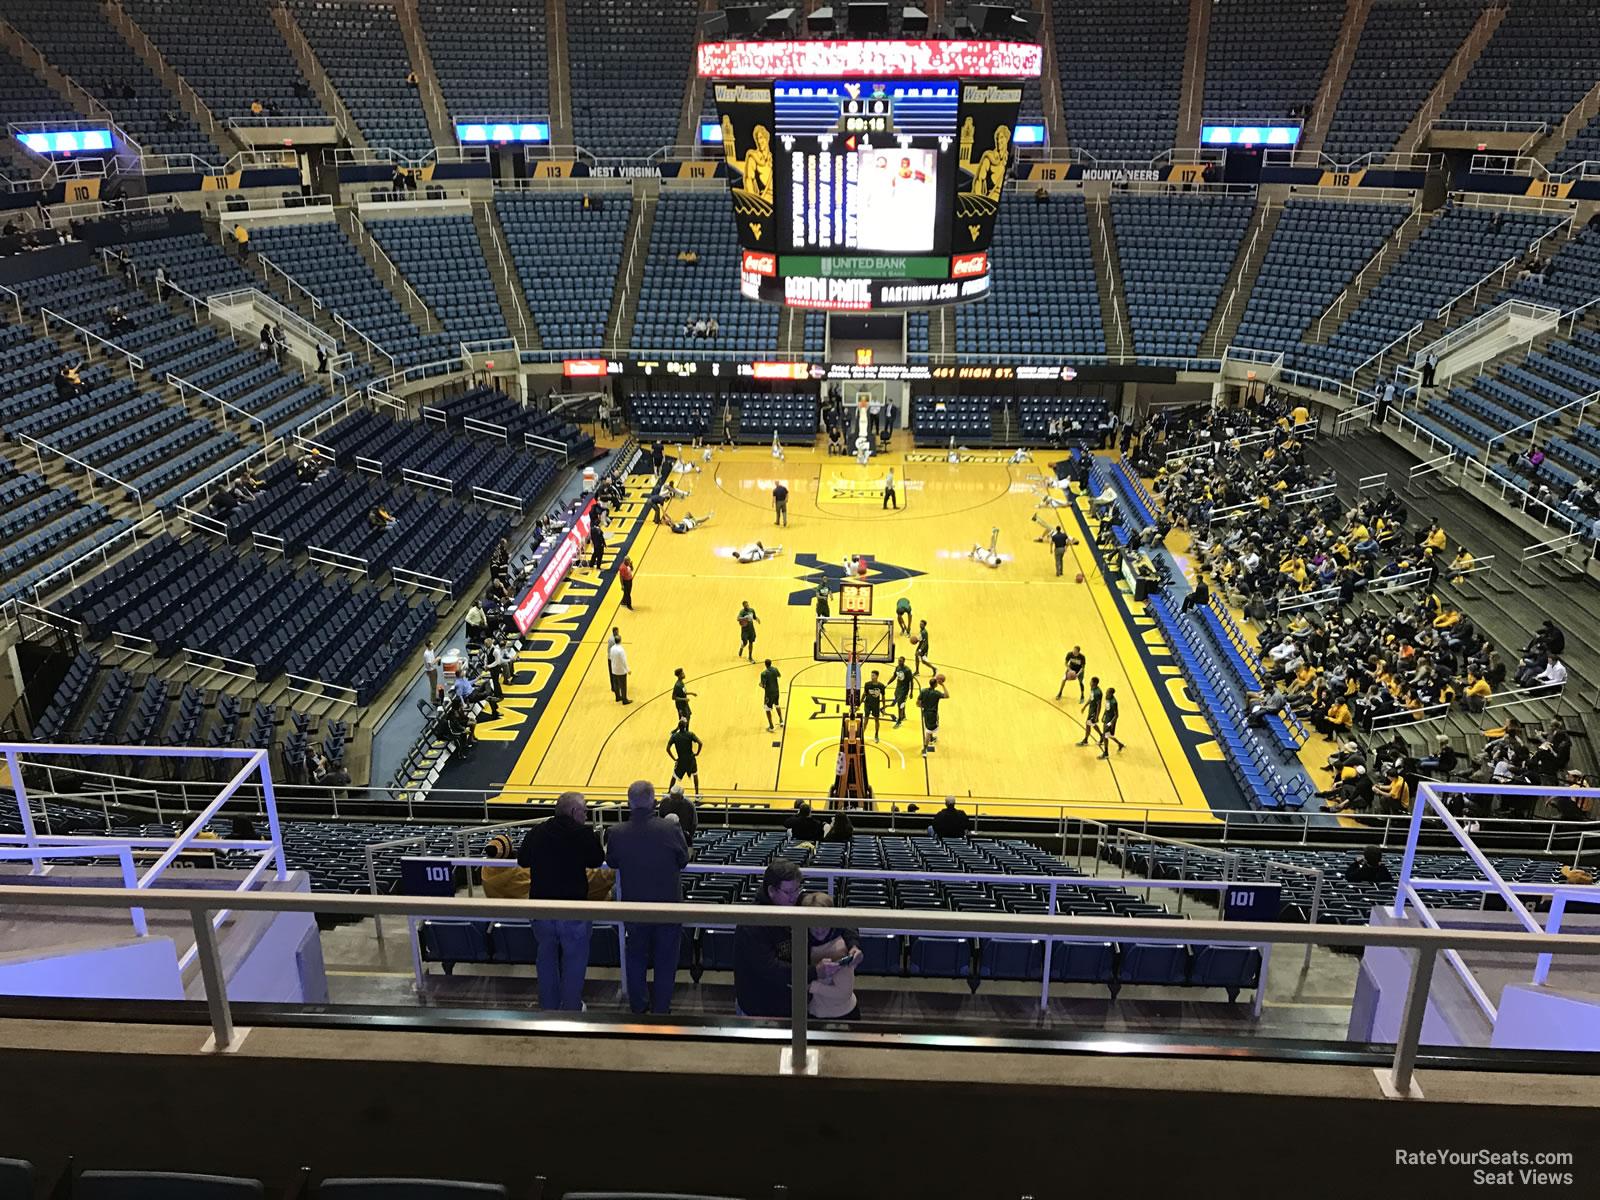 WVU Coliseum Section 201 - RateYourSeats.com